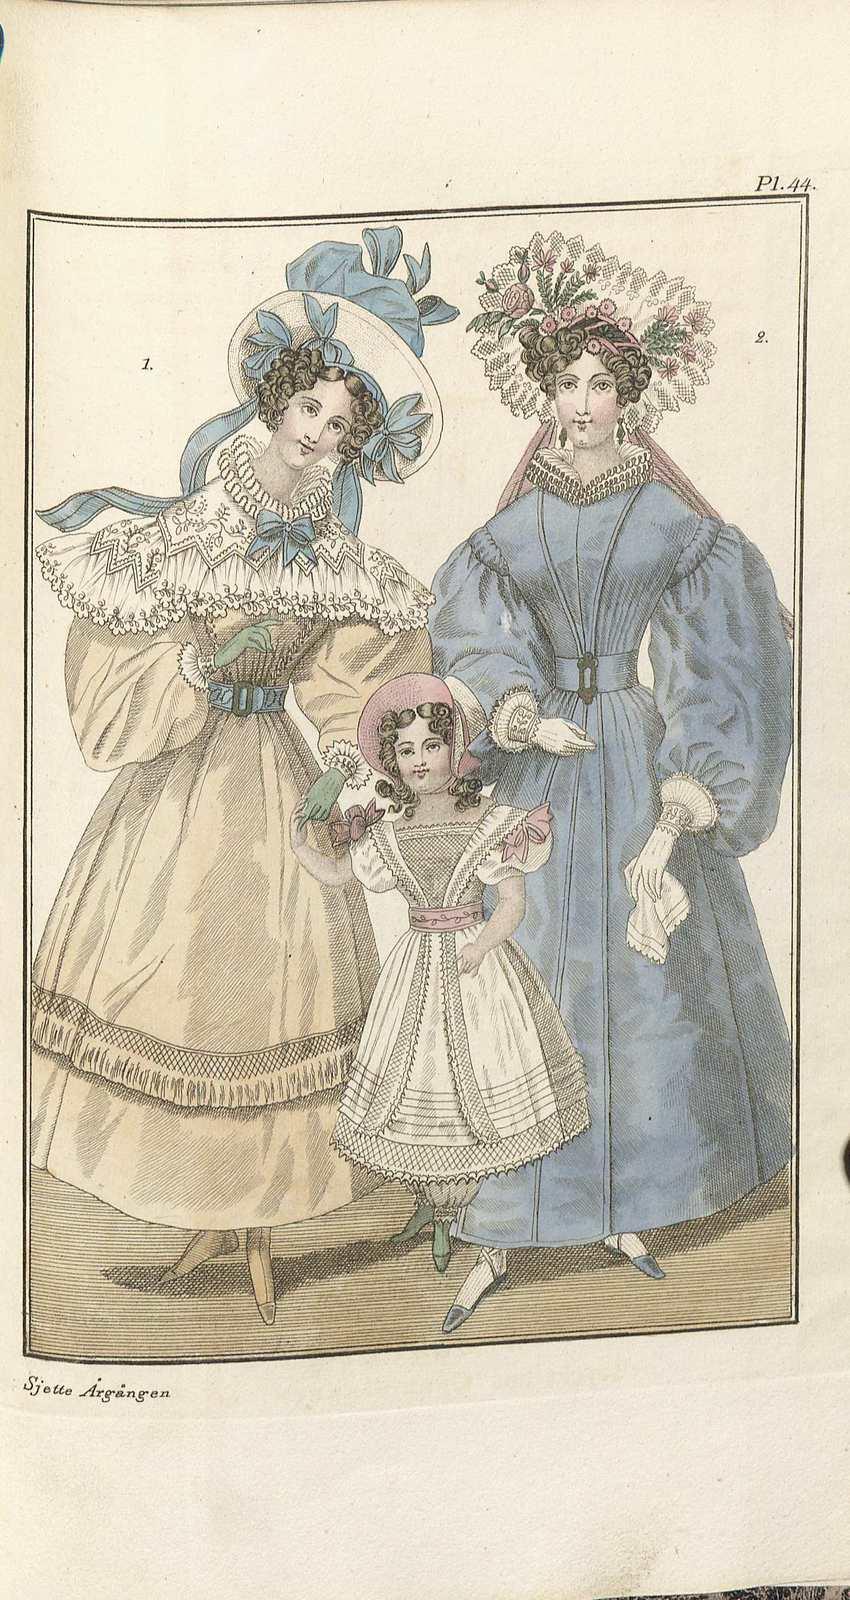 Magasin för konst, nyheter och moder 1829